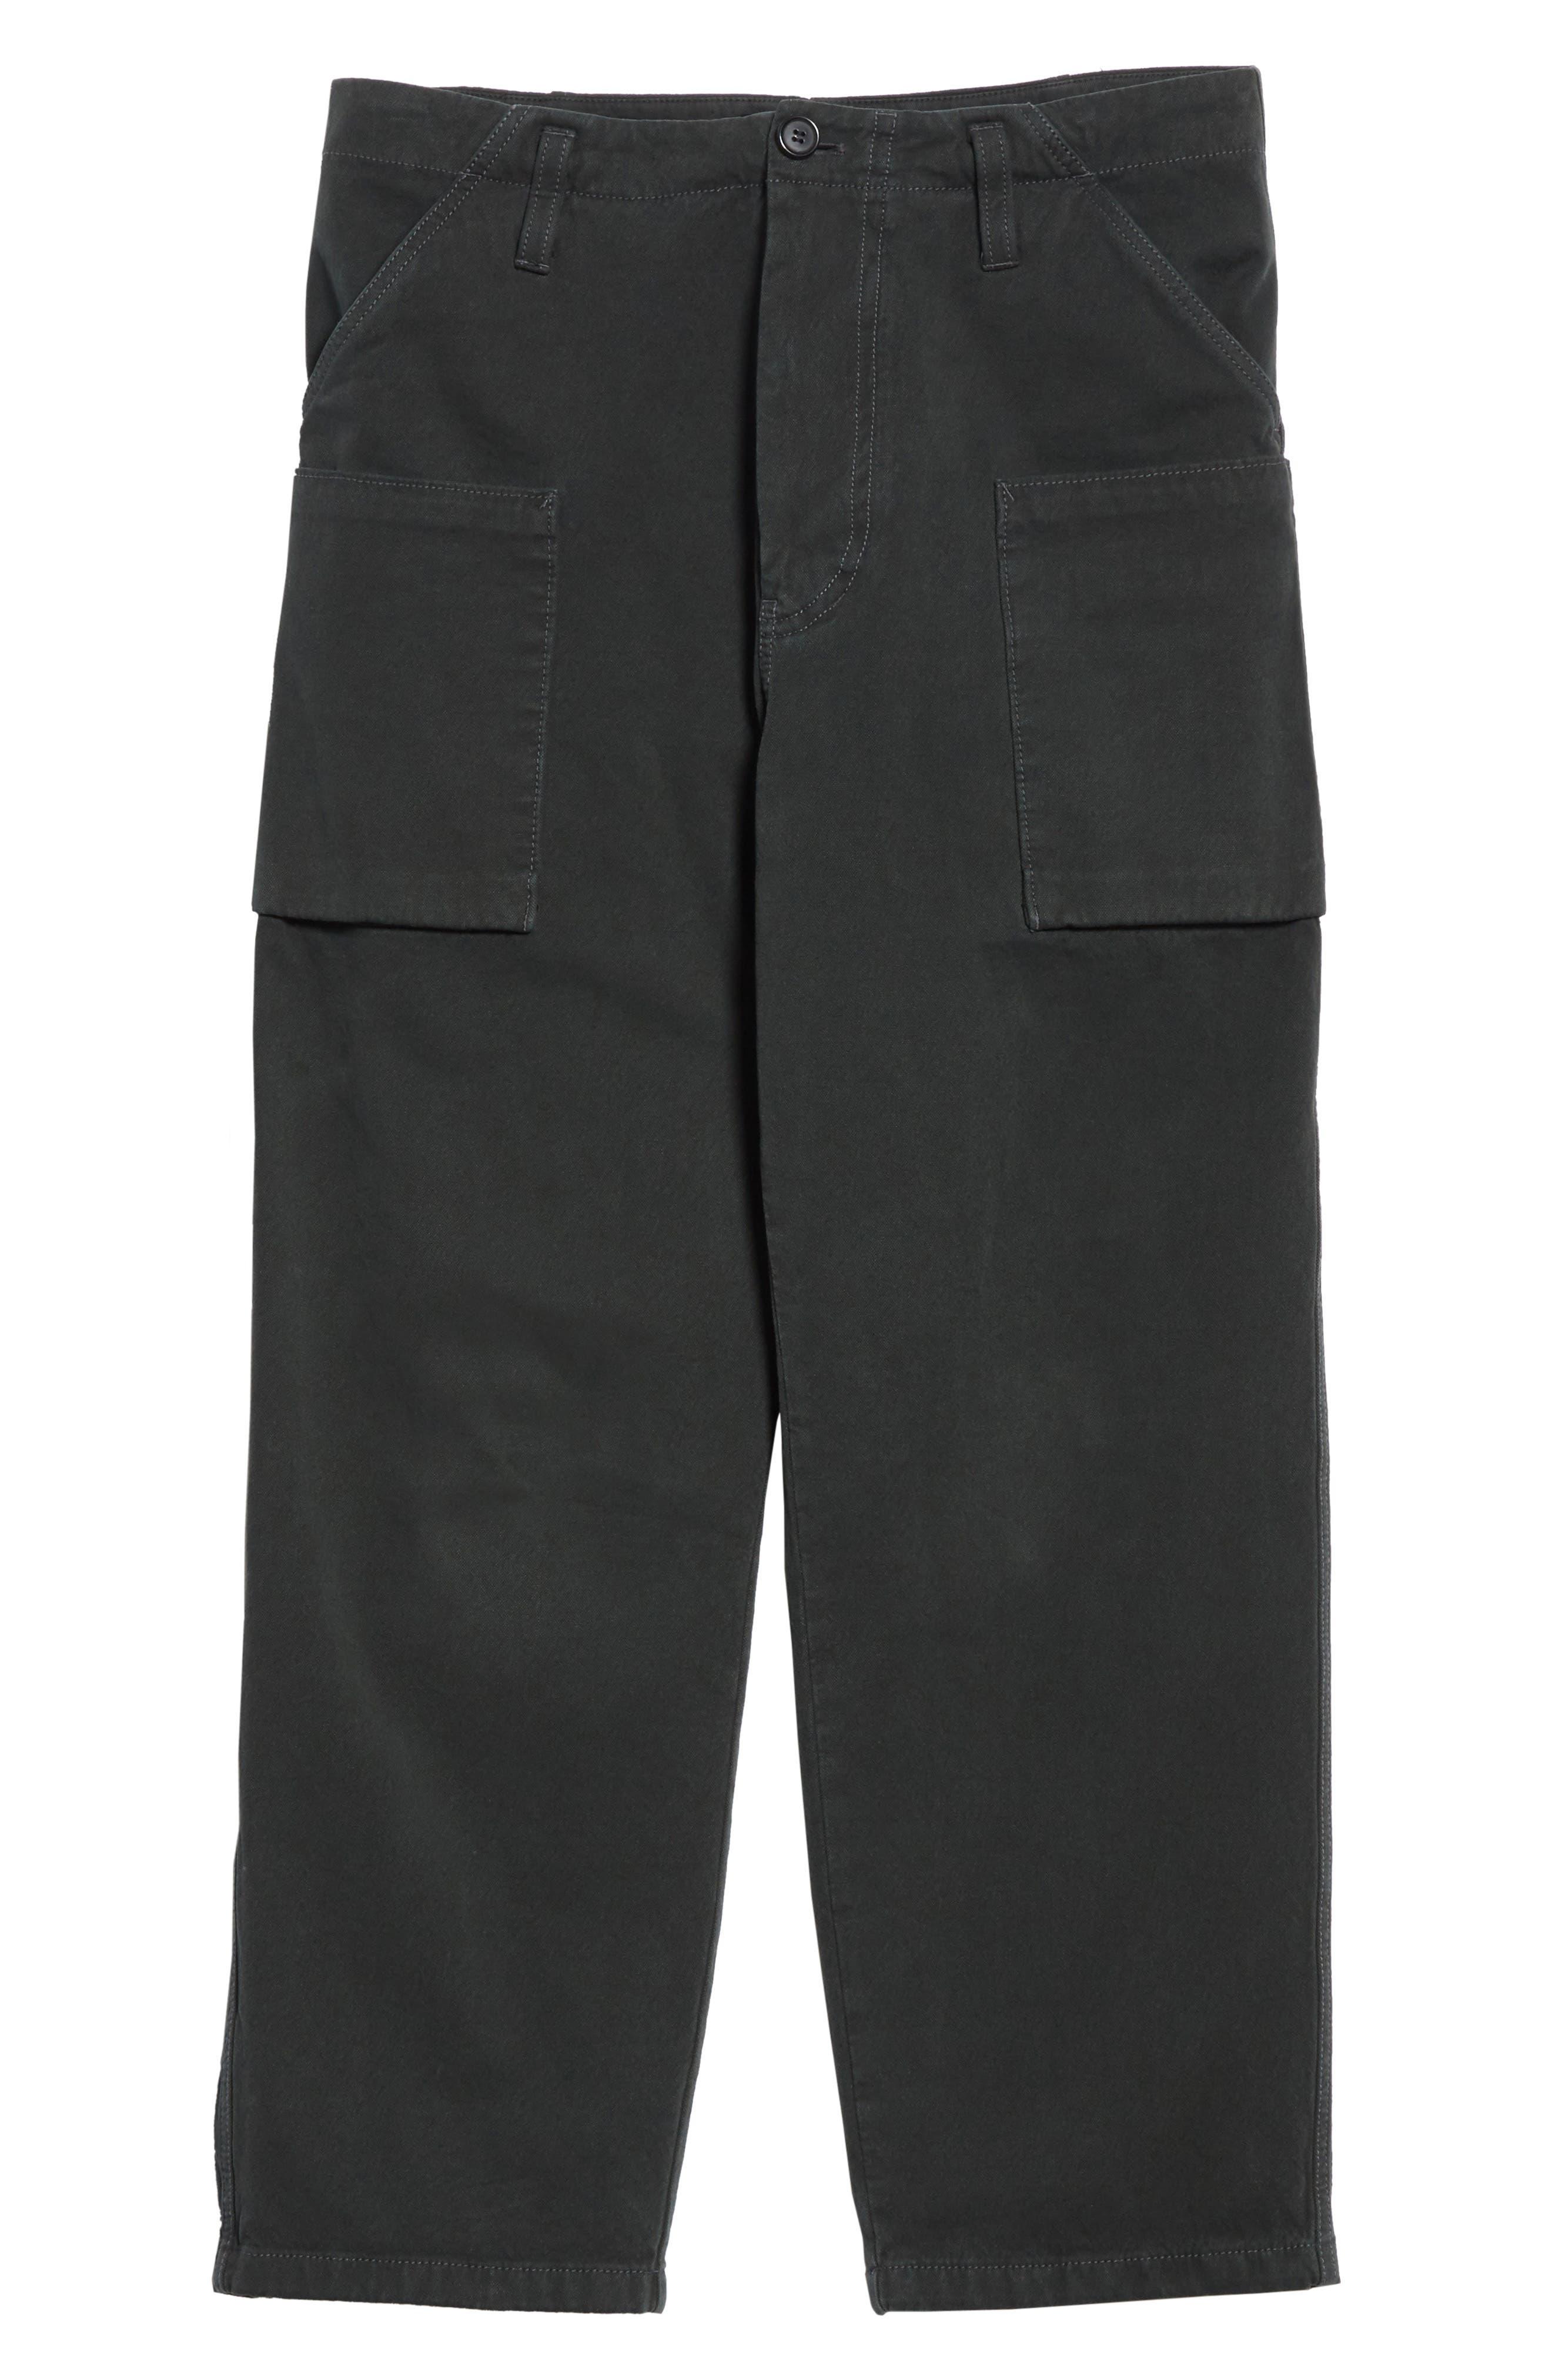 Anselm Wide Leg Patch Cargo Pants,                             Alternate thumbnail 6, color,                             010